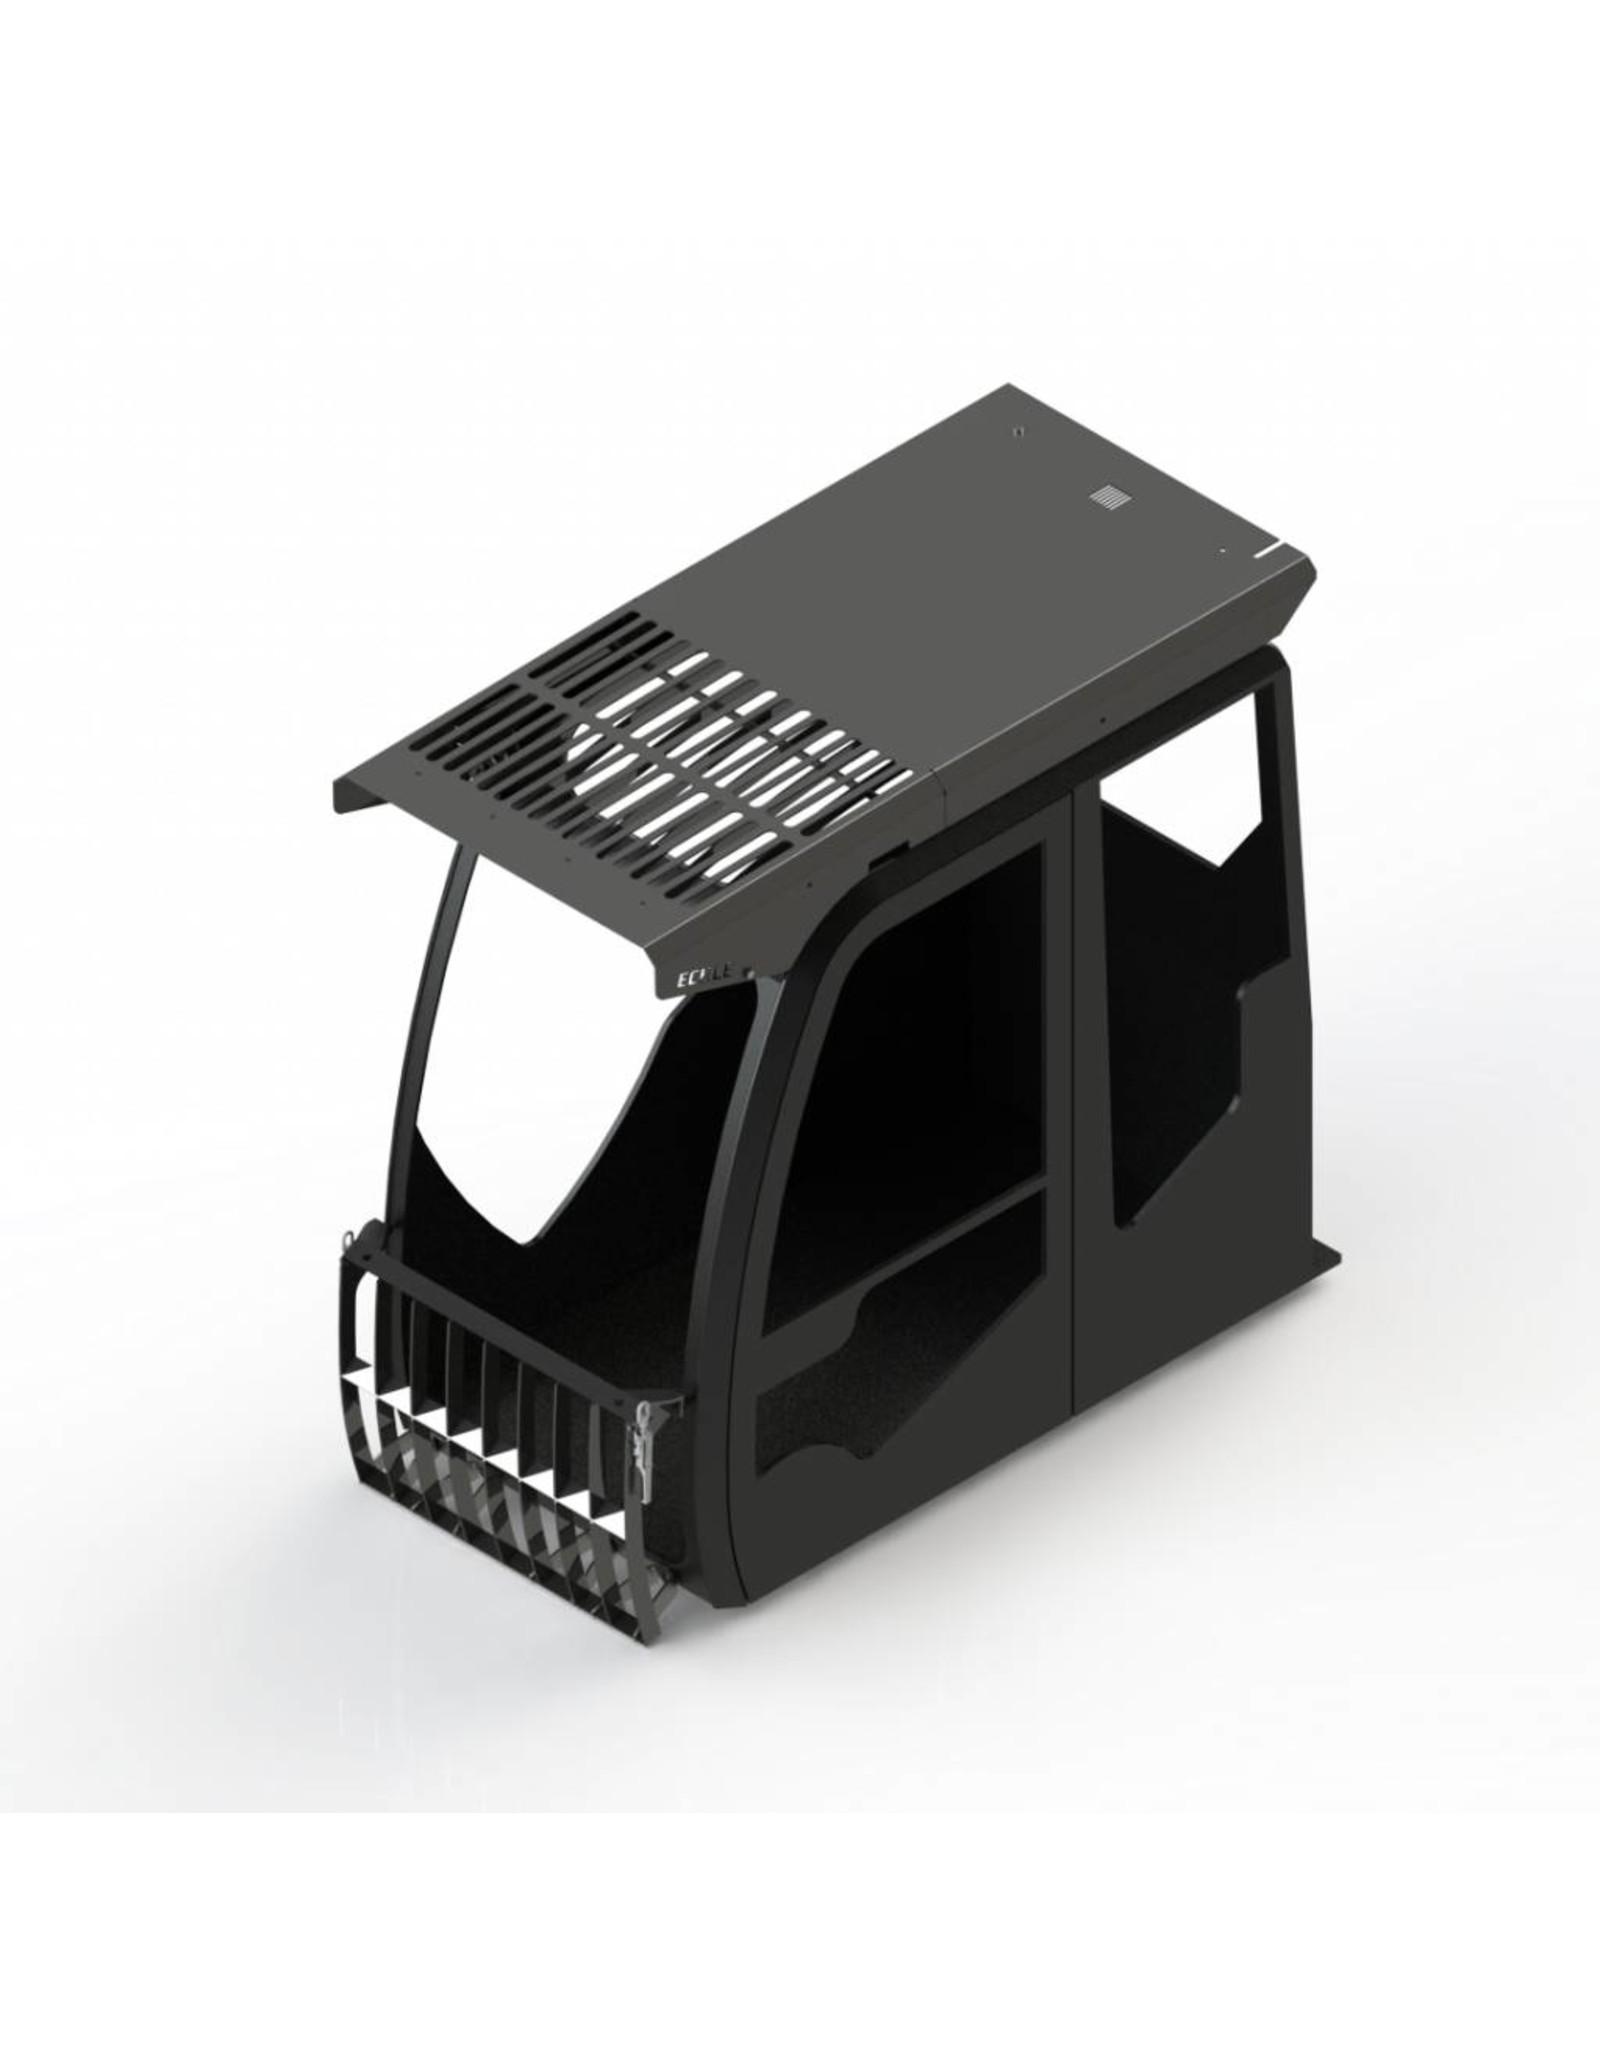 Echle Hartstahl GmbH FOPS pour Hyundai HX300L